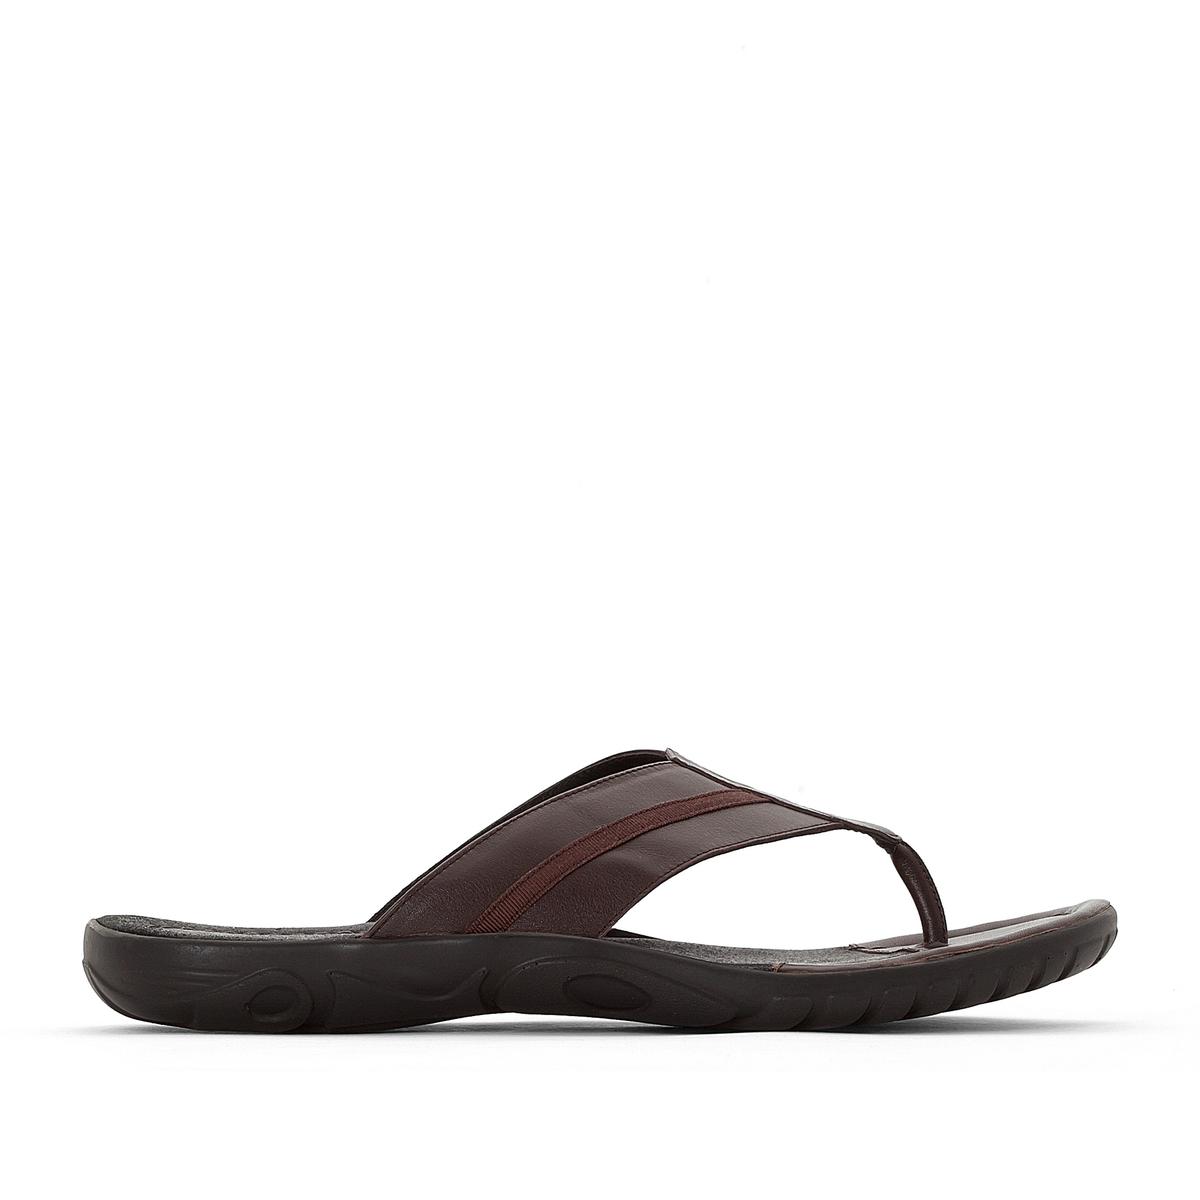 Вьетнамки кожаныеМарка : CASTALUNA FOR MENМодель подходит : для широкой ступни.Верх : яловичная кожаСтелька : кожа.Подошва : эластомер.Преимущества : мягкая кожа. Комфортная модель.<br><br>Цвет: каштановый,черный<br>Размер: 47